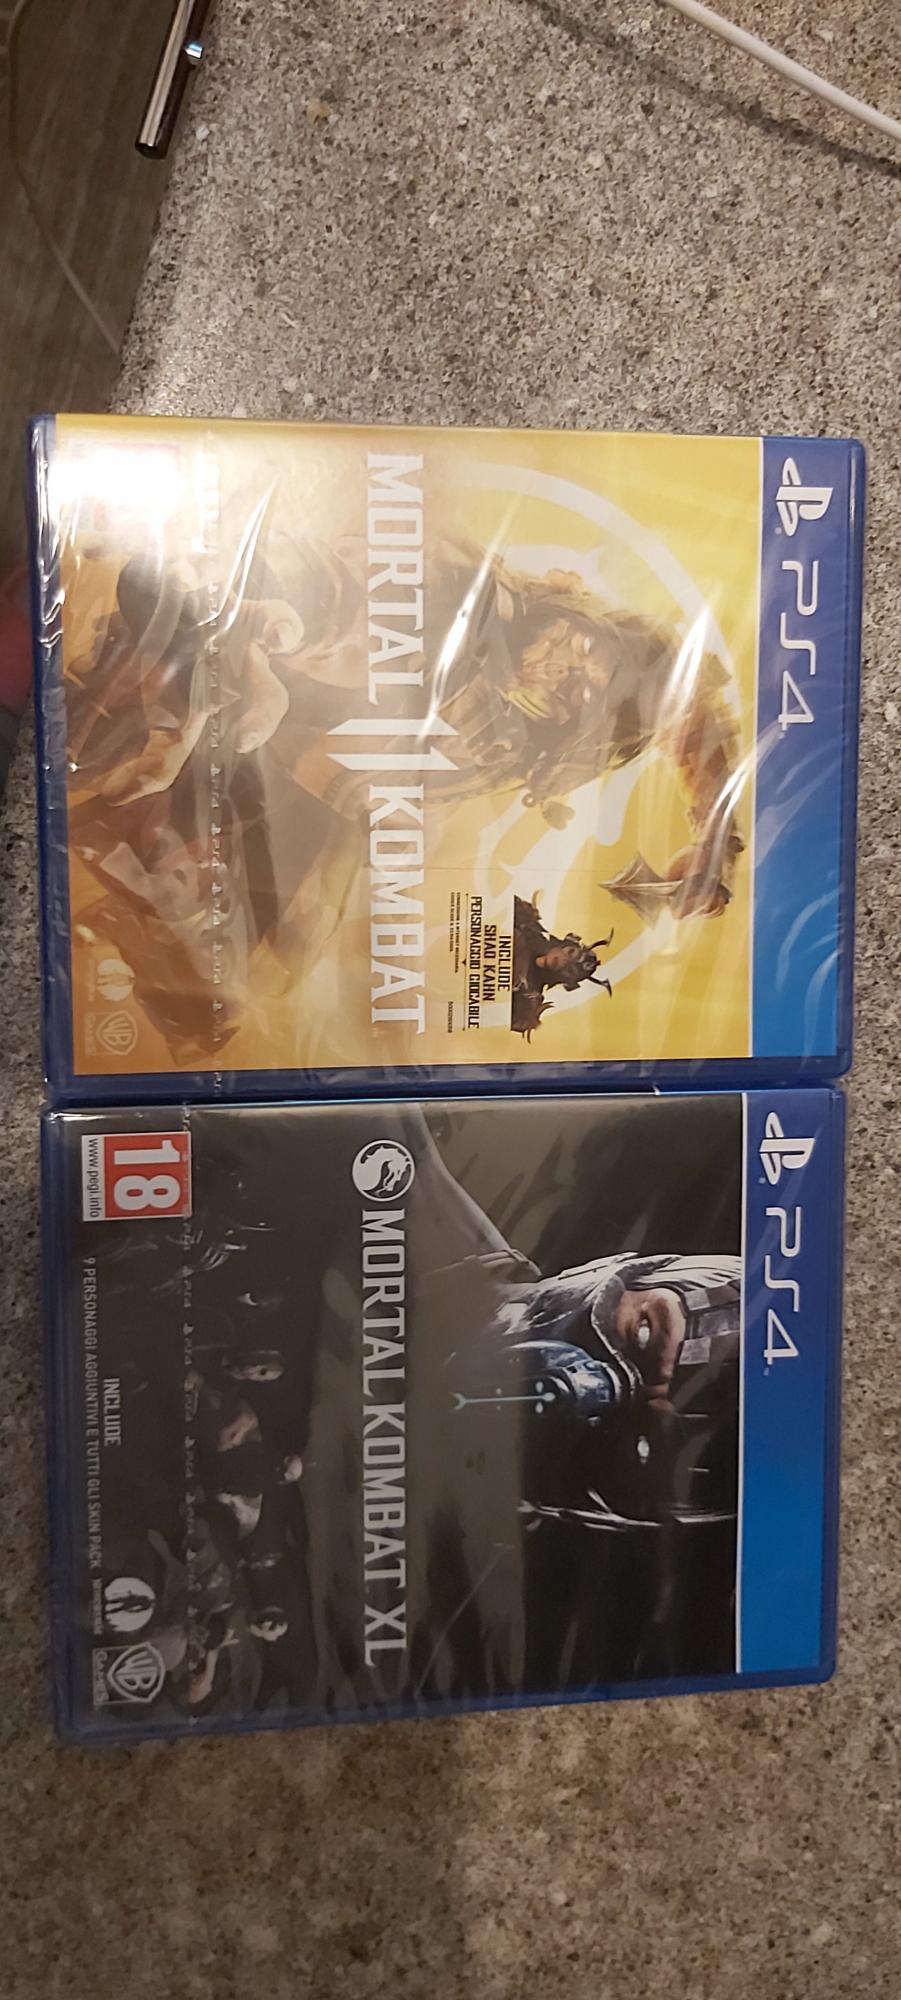 Mortal Kombat XL и 11 в Москве 89035822534 купить 4